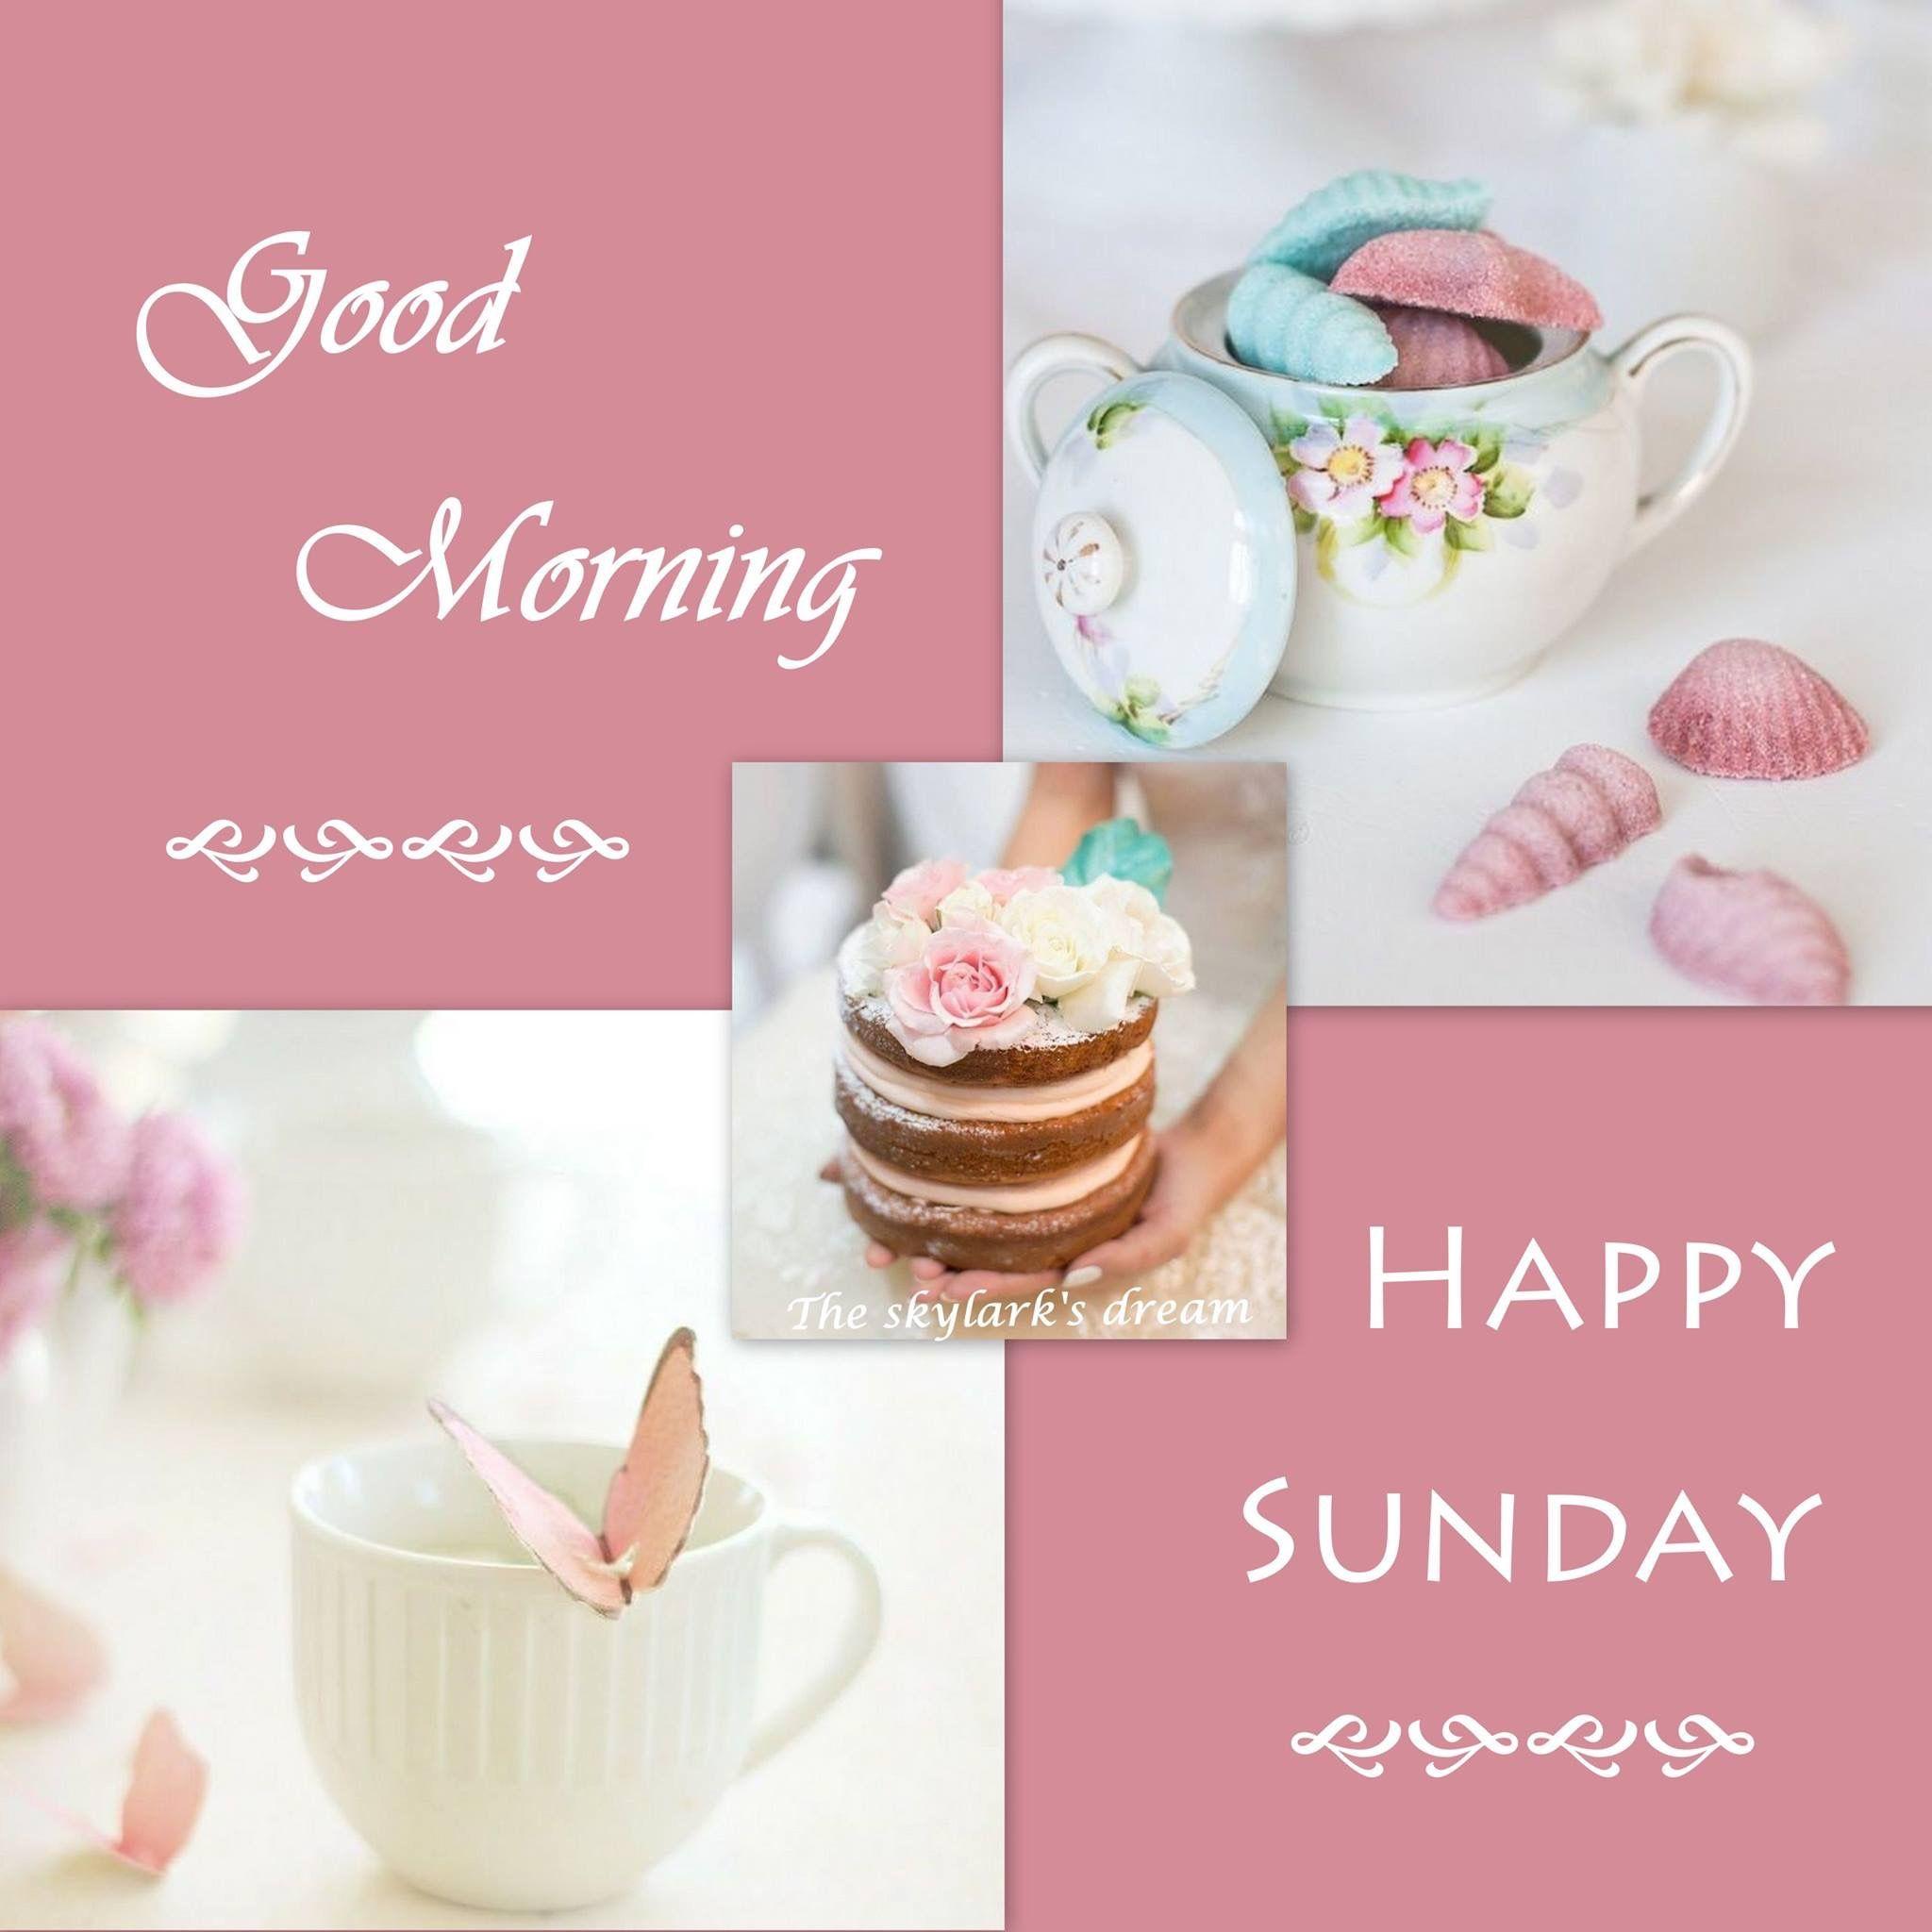 Happy Sunday!   Happy sunday morning, Sunday wishes ...